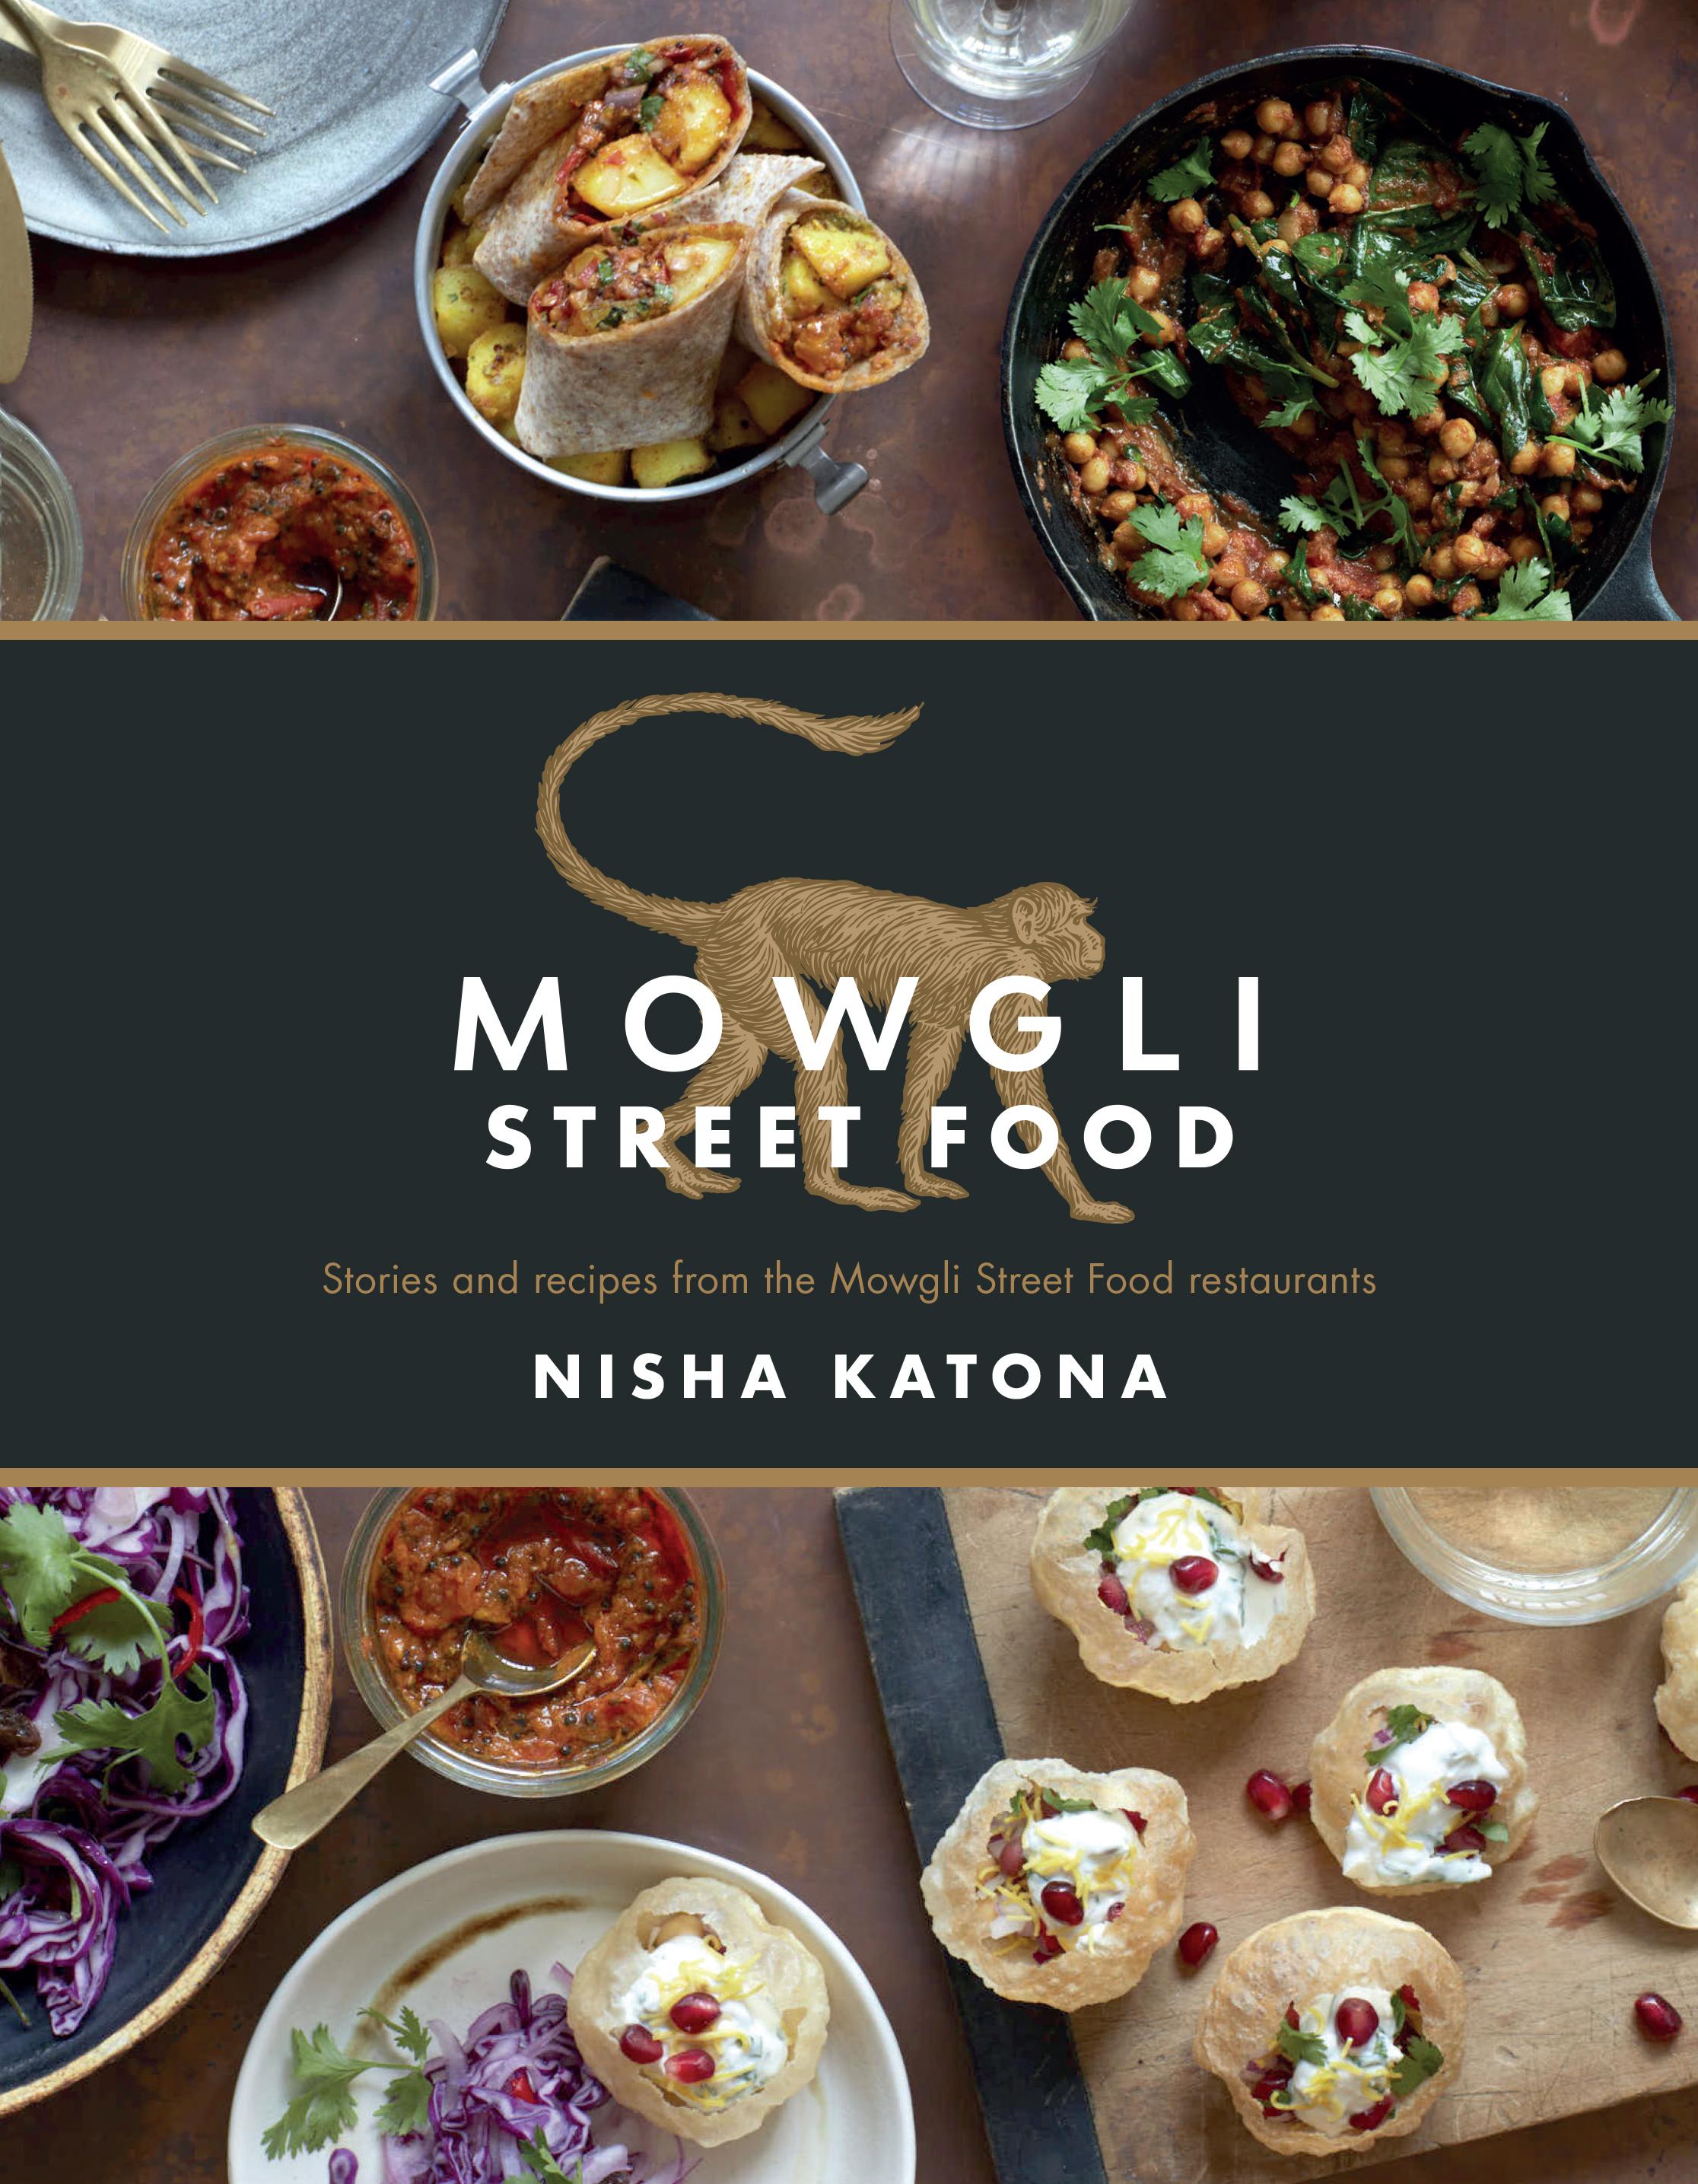 Mowgli street food cookbook review viva lifestyle magazine mowgli street food cookbook review forumfinder Gallery